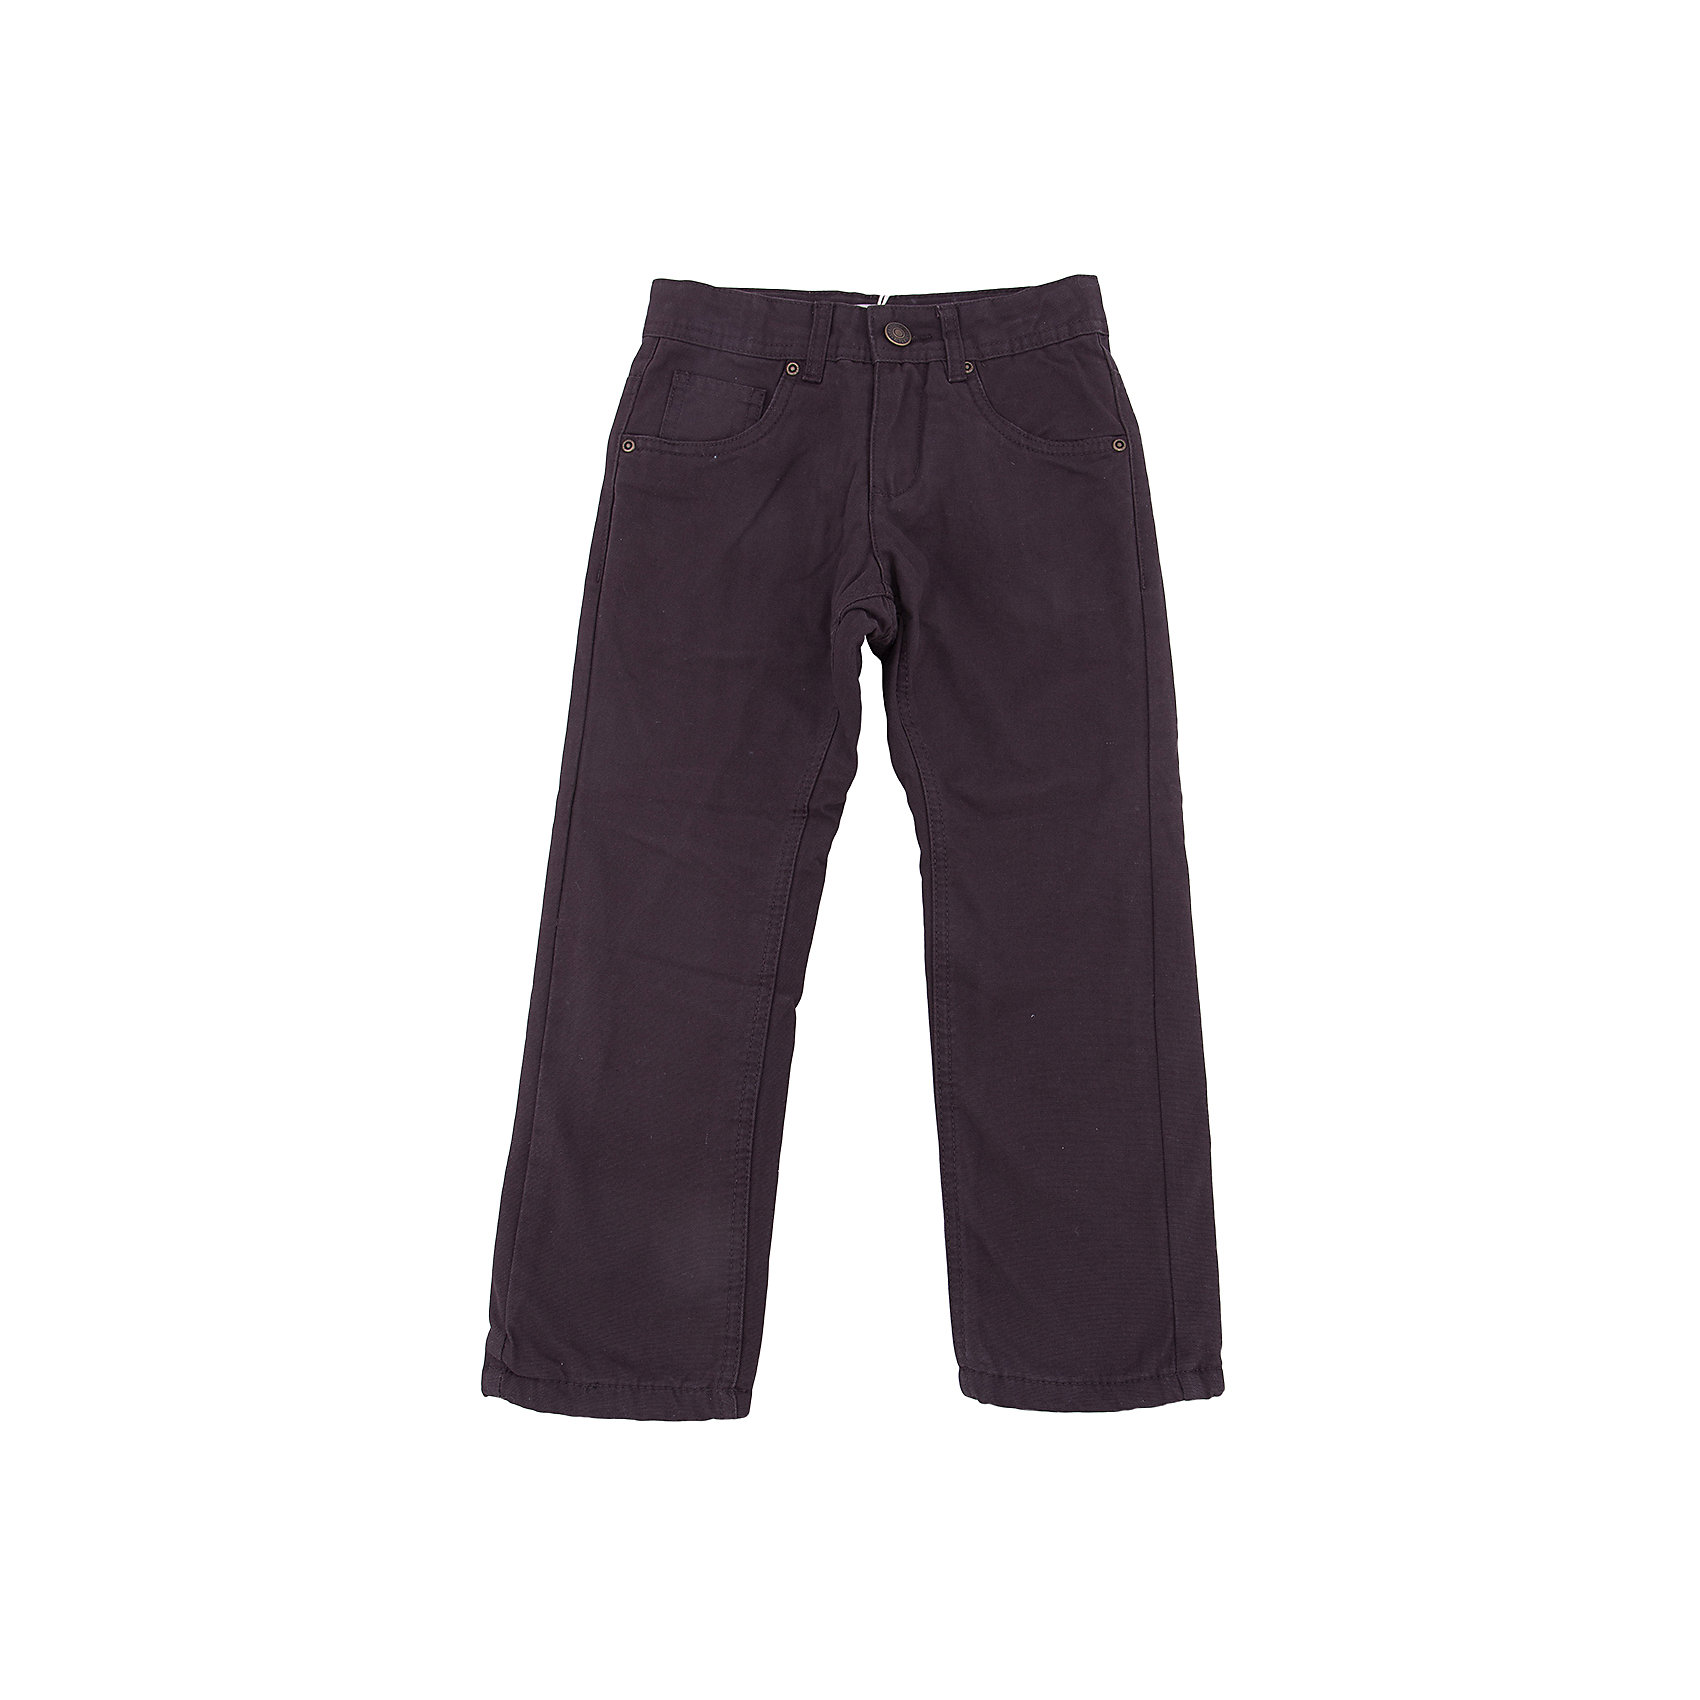 Брюки для мальчика SELAБрюки<br>Универсальные брюки - незаменимая вещь в детском гардеробе. Эта модель отлично сидит на ребенке, она сшита из плотного материала, натуральный хлопок не вызывает аллергии и обеспечивает ребенку комфорт. Модель станет отличной базовой вещью, которая будет уместна в различных сочетаниях.<br>Одежда от бренда Sela (Села) - это качество по приемлемым ценам. Многие российские родители уже оценили преимущества продукции этой компании и всё чаще приобретают одежду и аксессуары Sela.<br><br>Дополнительная информация:<br><br>прямой силуэт;<br>материал: 98% хлопок, 2% эластан;<br>плотный материал.<br><br>Брюки для мальчика от бренда Sela можно купить в нашем интернет-магазине.<br><br>Ширина мм: 215<br>Глубина мм: 88<br>Высота мм: 191<br>Вес г: 336<br>Цвет: черный<br>Возраст от месяцев: 132<br>Возраст до месяцев: 144<br>Пол: Мужской<br>Возраст: Детский<br>Размер: 116,122,134,140,146,152,128<br>SKU: 5020217